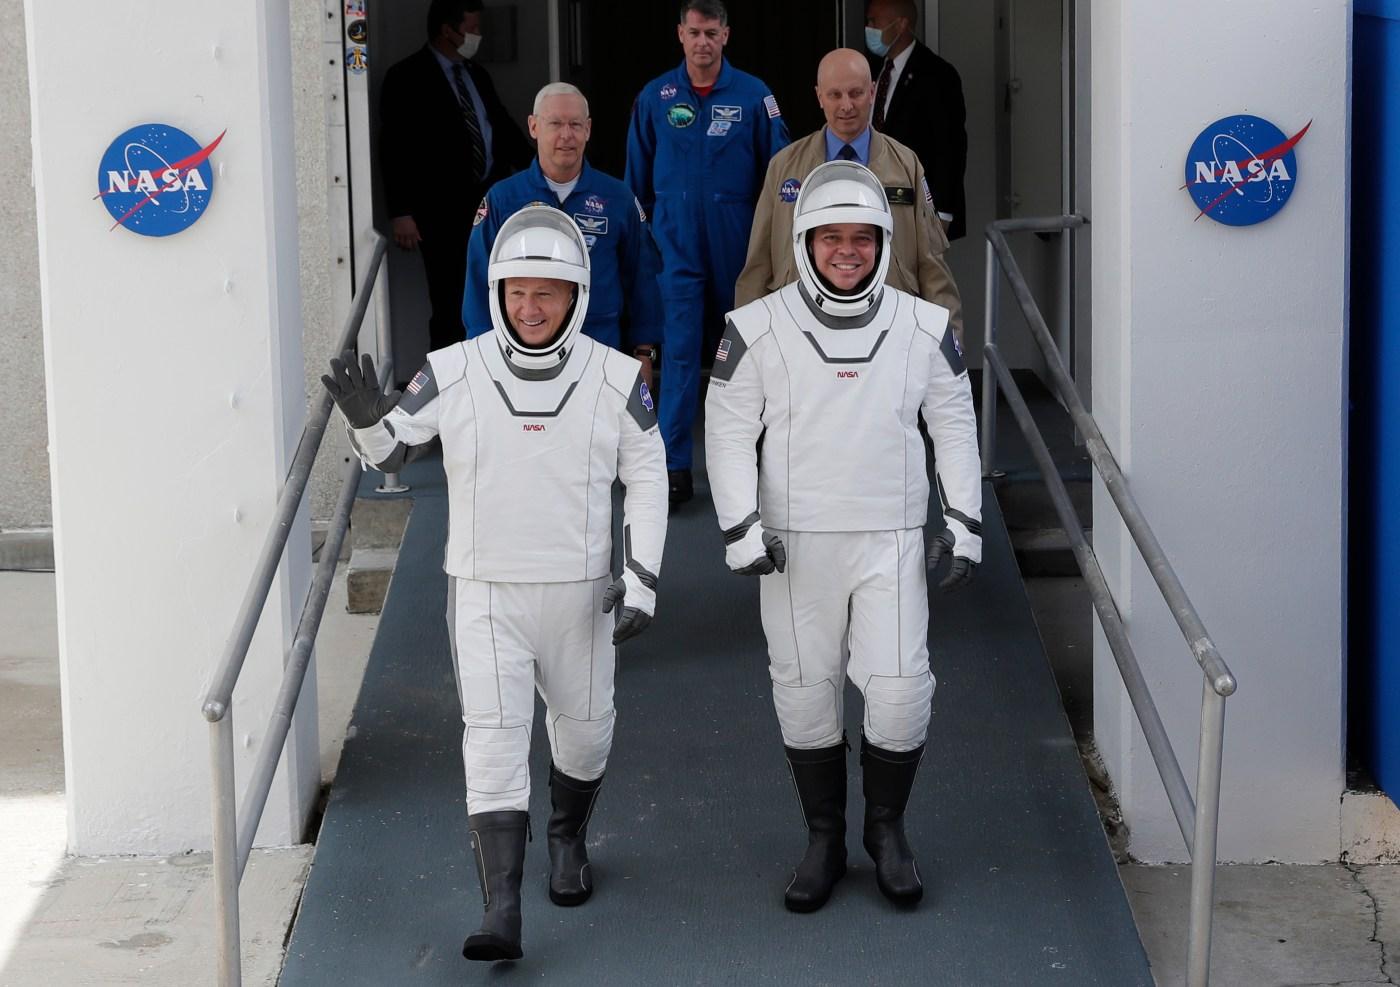 Los astronautas de la NASA Douglas Hurley, a la izquierda, y Bob Behnken se ven aquí antes de su lanzamiento al espacio en mayo